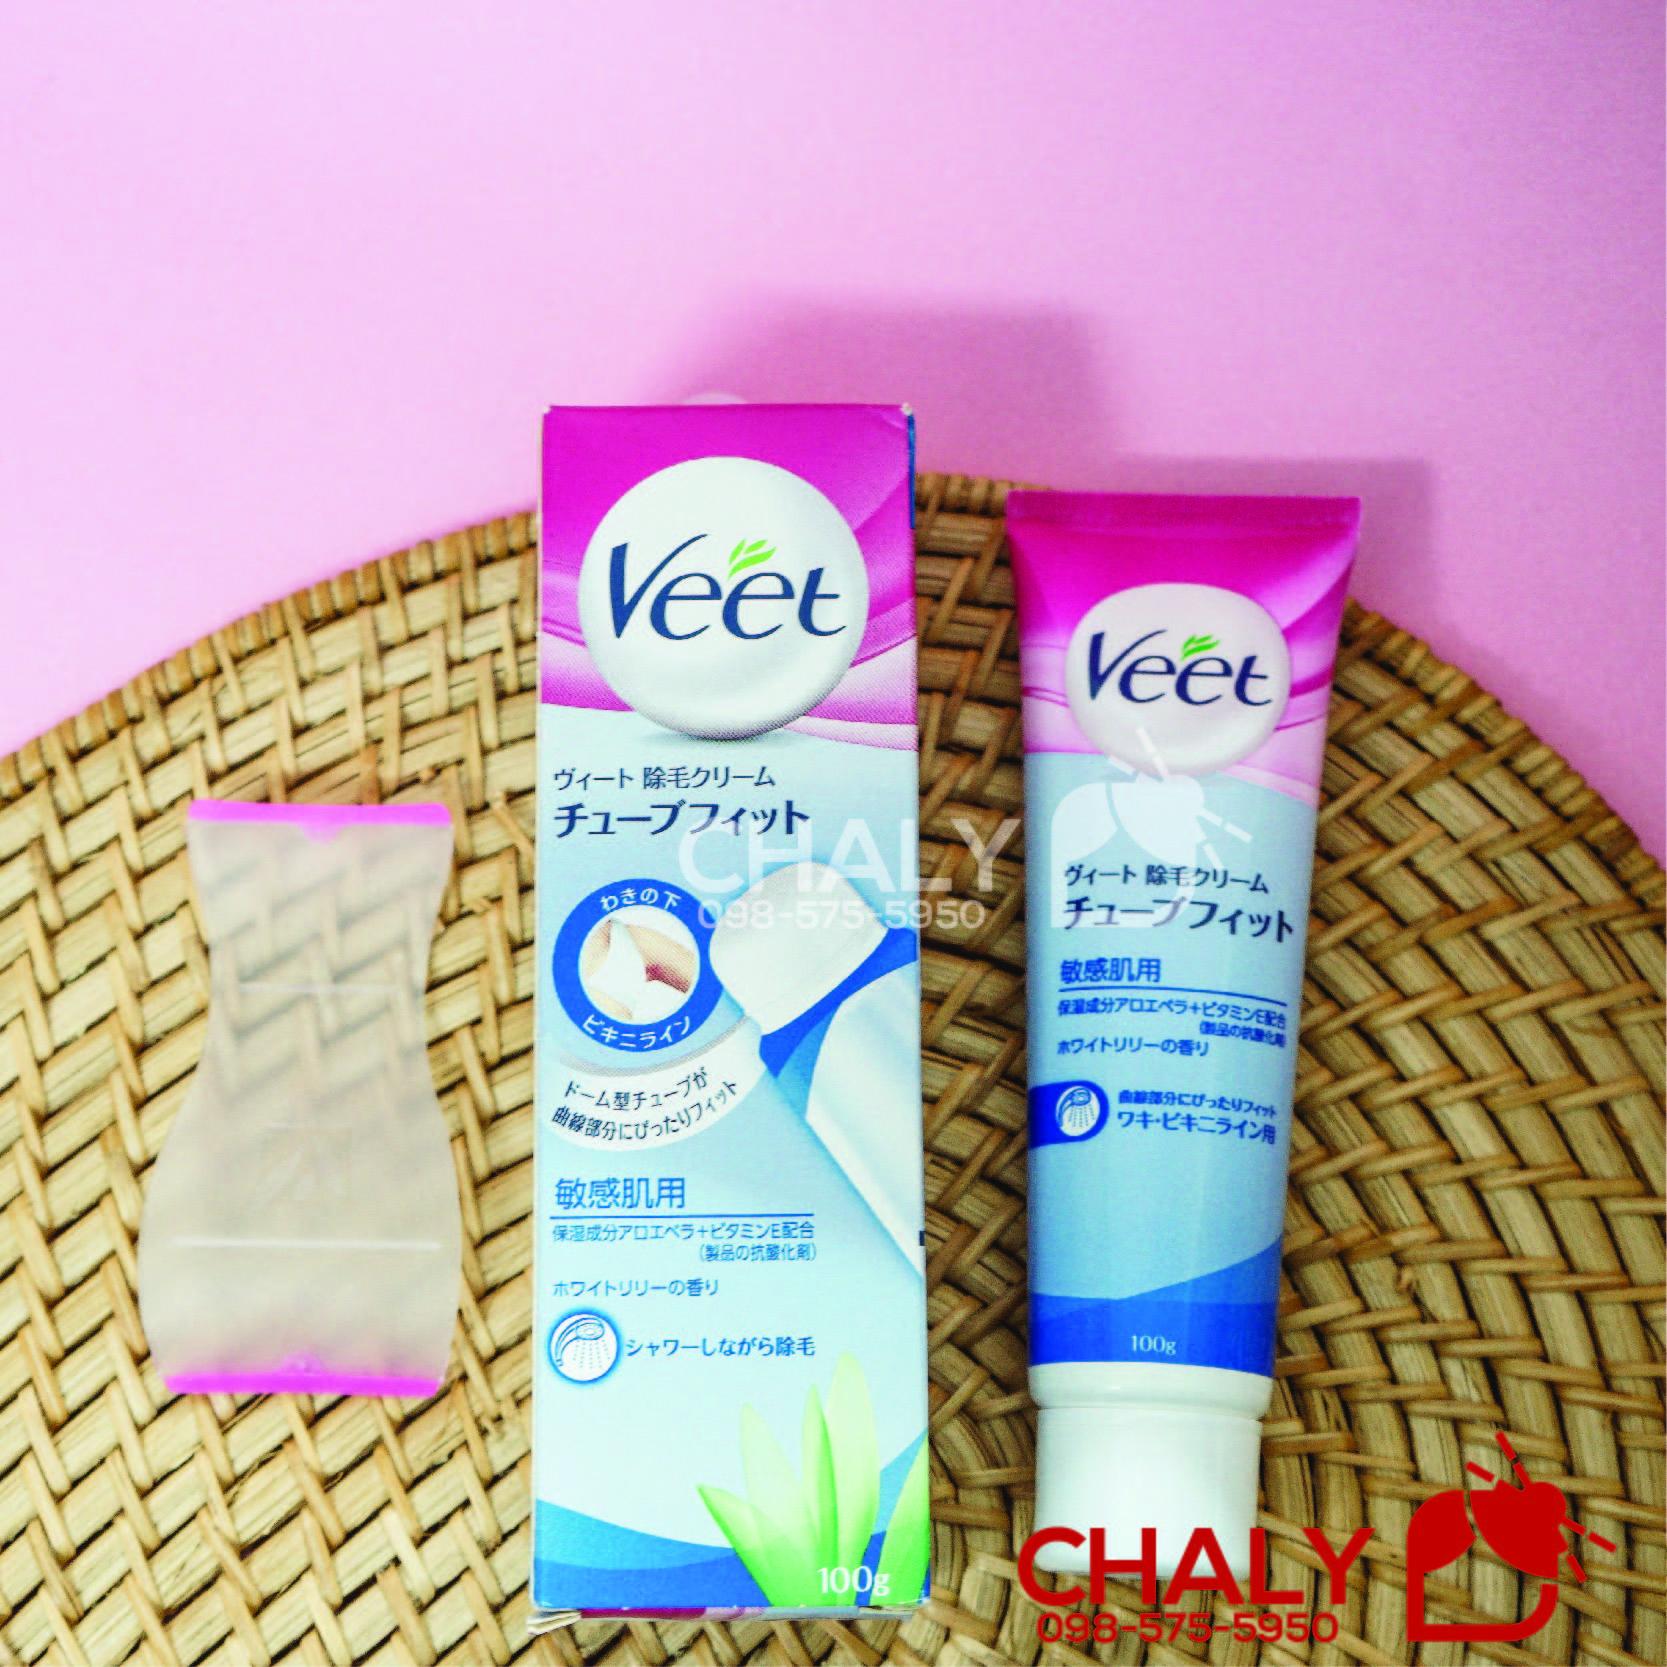 Kem tẩy lông vùng kín Veet của Nhật được thiết kế riêng để dùng cho vùng da nhạy cảm như vùng kín (nách, bikini ..)